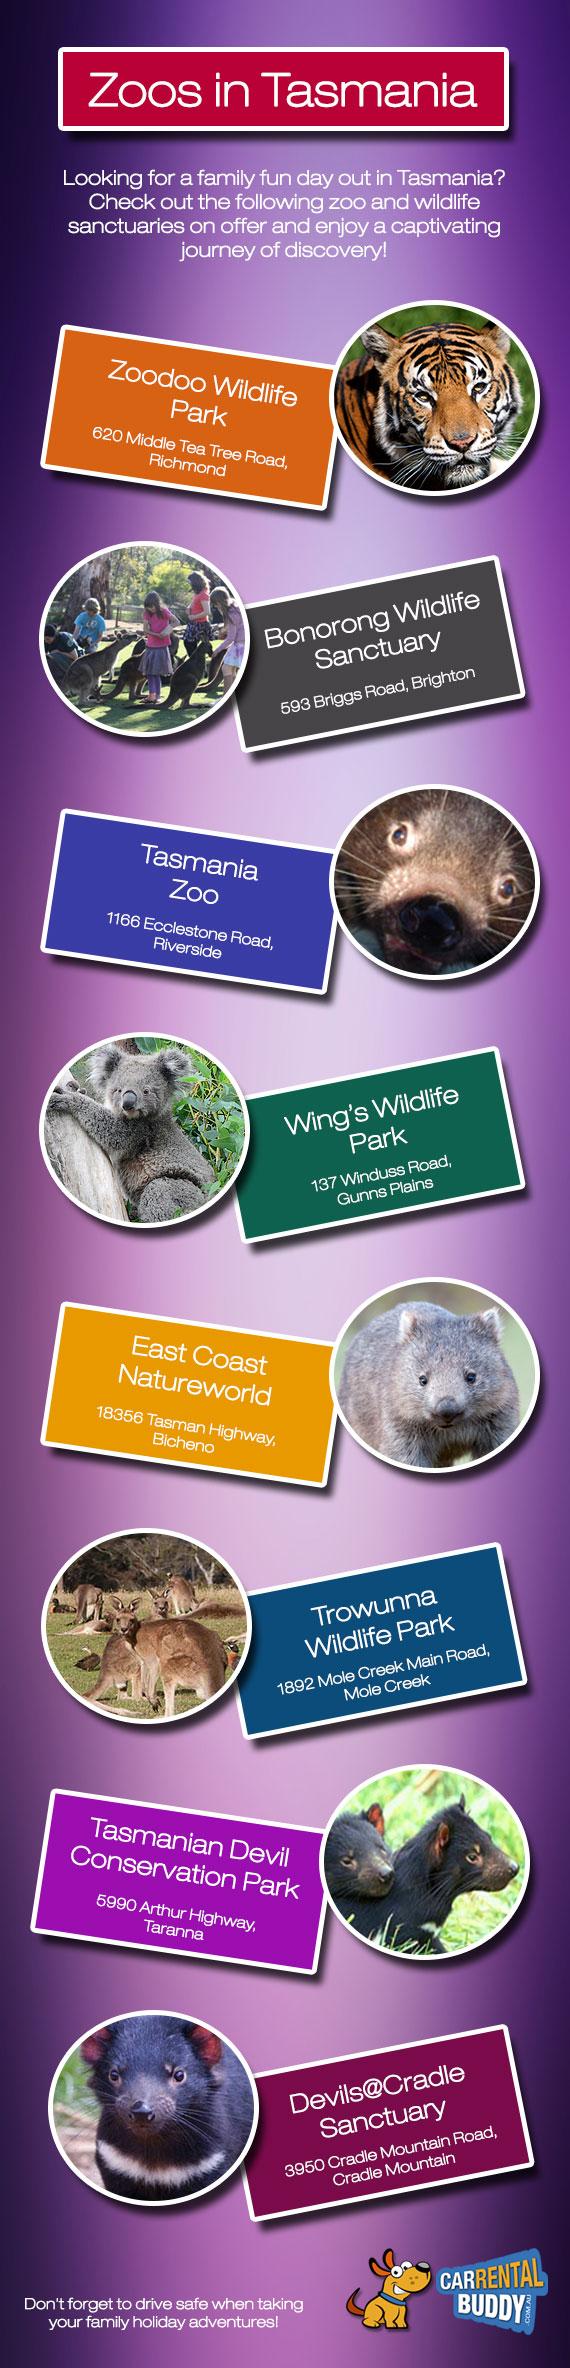 Zoos in Tasmania